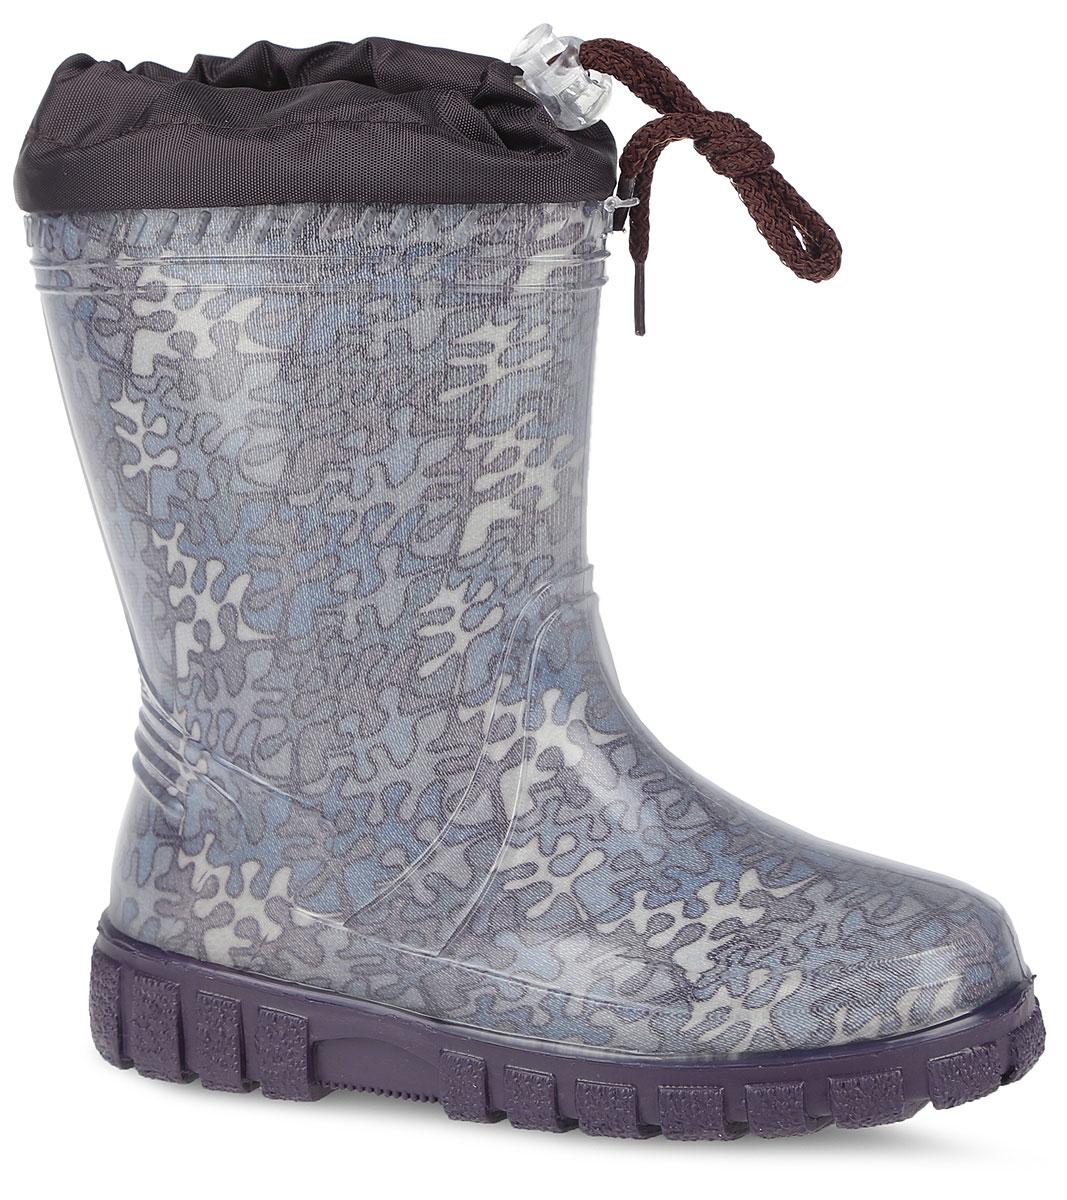 Резиновые сапоги для мальчика. 10734-1010734-10Стильные резиновые сапоги от фирмы Зебра - идеальная обувь для прогулки в ненастную погоду. Модель выполнена из качественного ПВХ и оформлена оригинальным принтом. Модель дополнена текстильным верхом, объем которого регулируется за счет шнурка с фиксатором. Подкладка выполнена из искусственной шерсти, которая обеспечит тепло. Съемная стелька из войлока гарантирует комфорт при носке. Рельефная подошва гарантирует отличное сцепление с любой поверхностью. Такие оригинальные и практичные резиновые сапоги займут достойное место в гардеробе вашего мальчика.